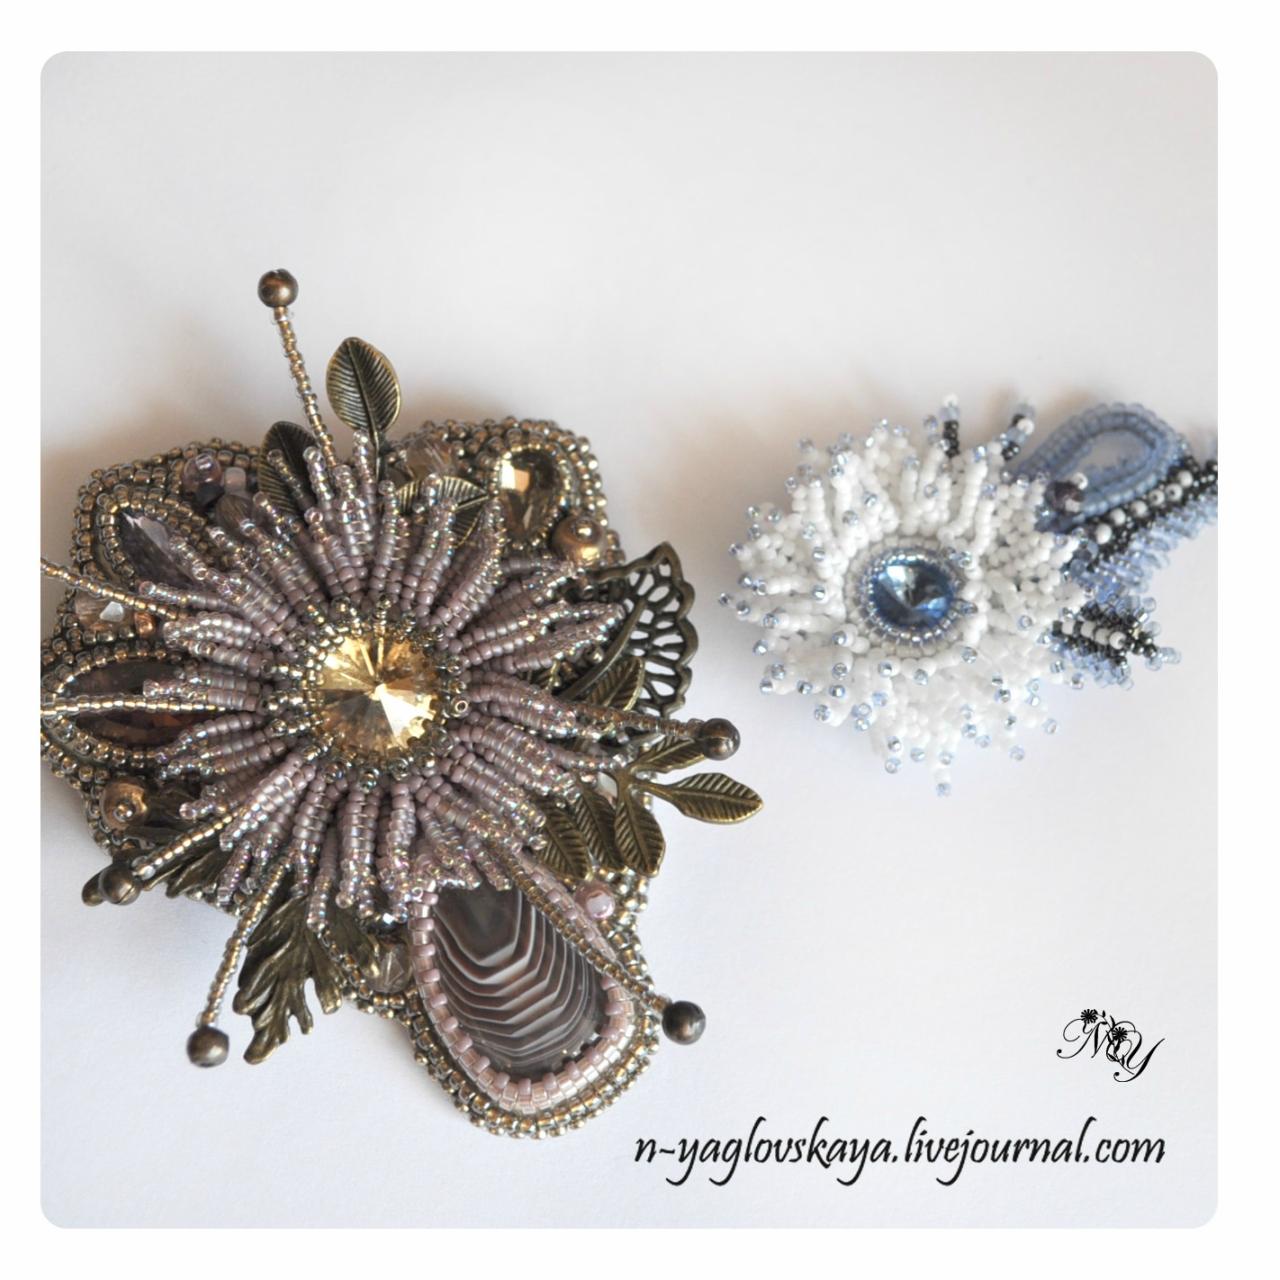 Альбом пользователя natyy: Нафеяченные миниатюрки